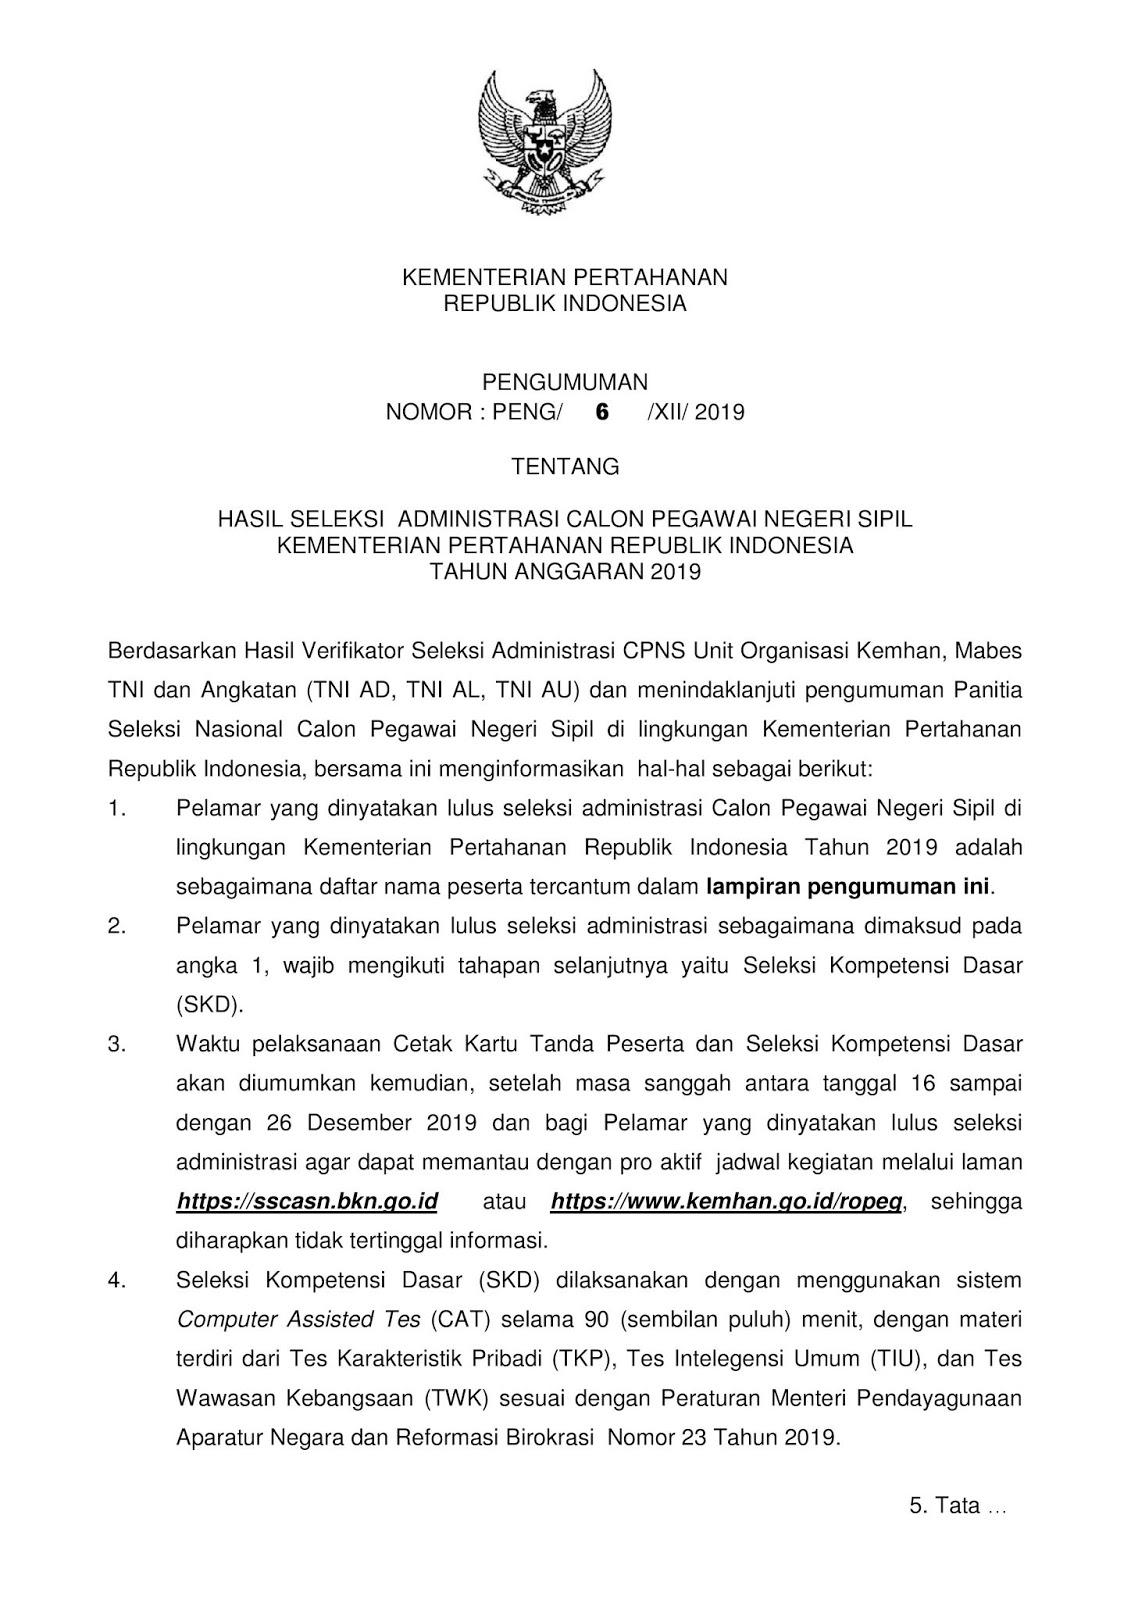 Pengumuman Informasi Hasil Seleksi Administrasi CPNS Kementerian Pertahanan Republik Indonesia Tahun 2019